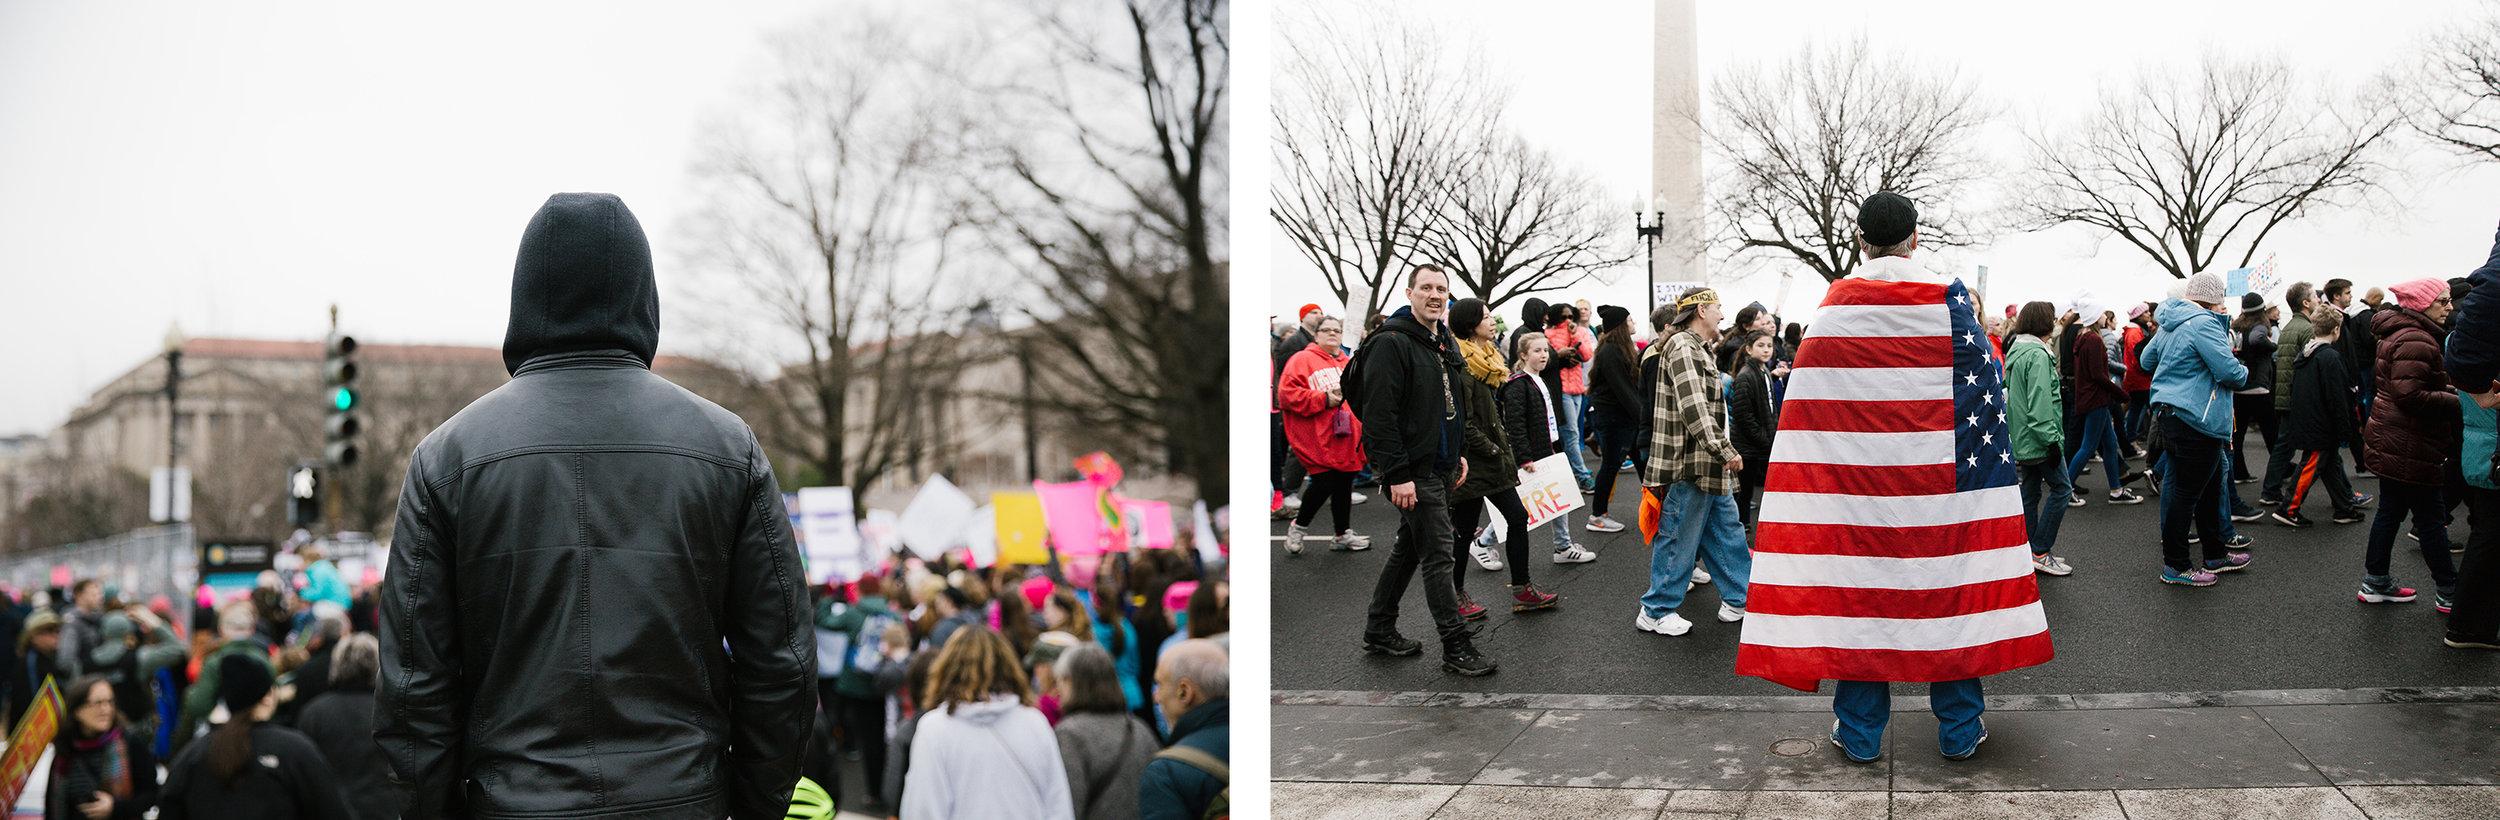 the women's march 2017.jpg